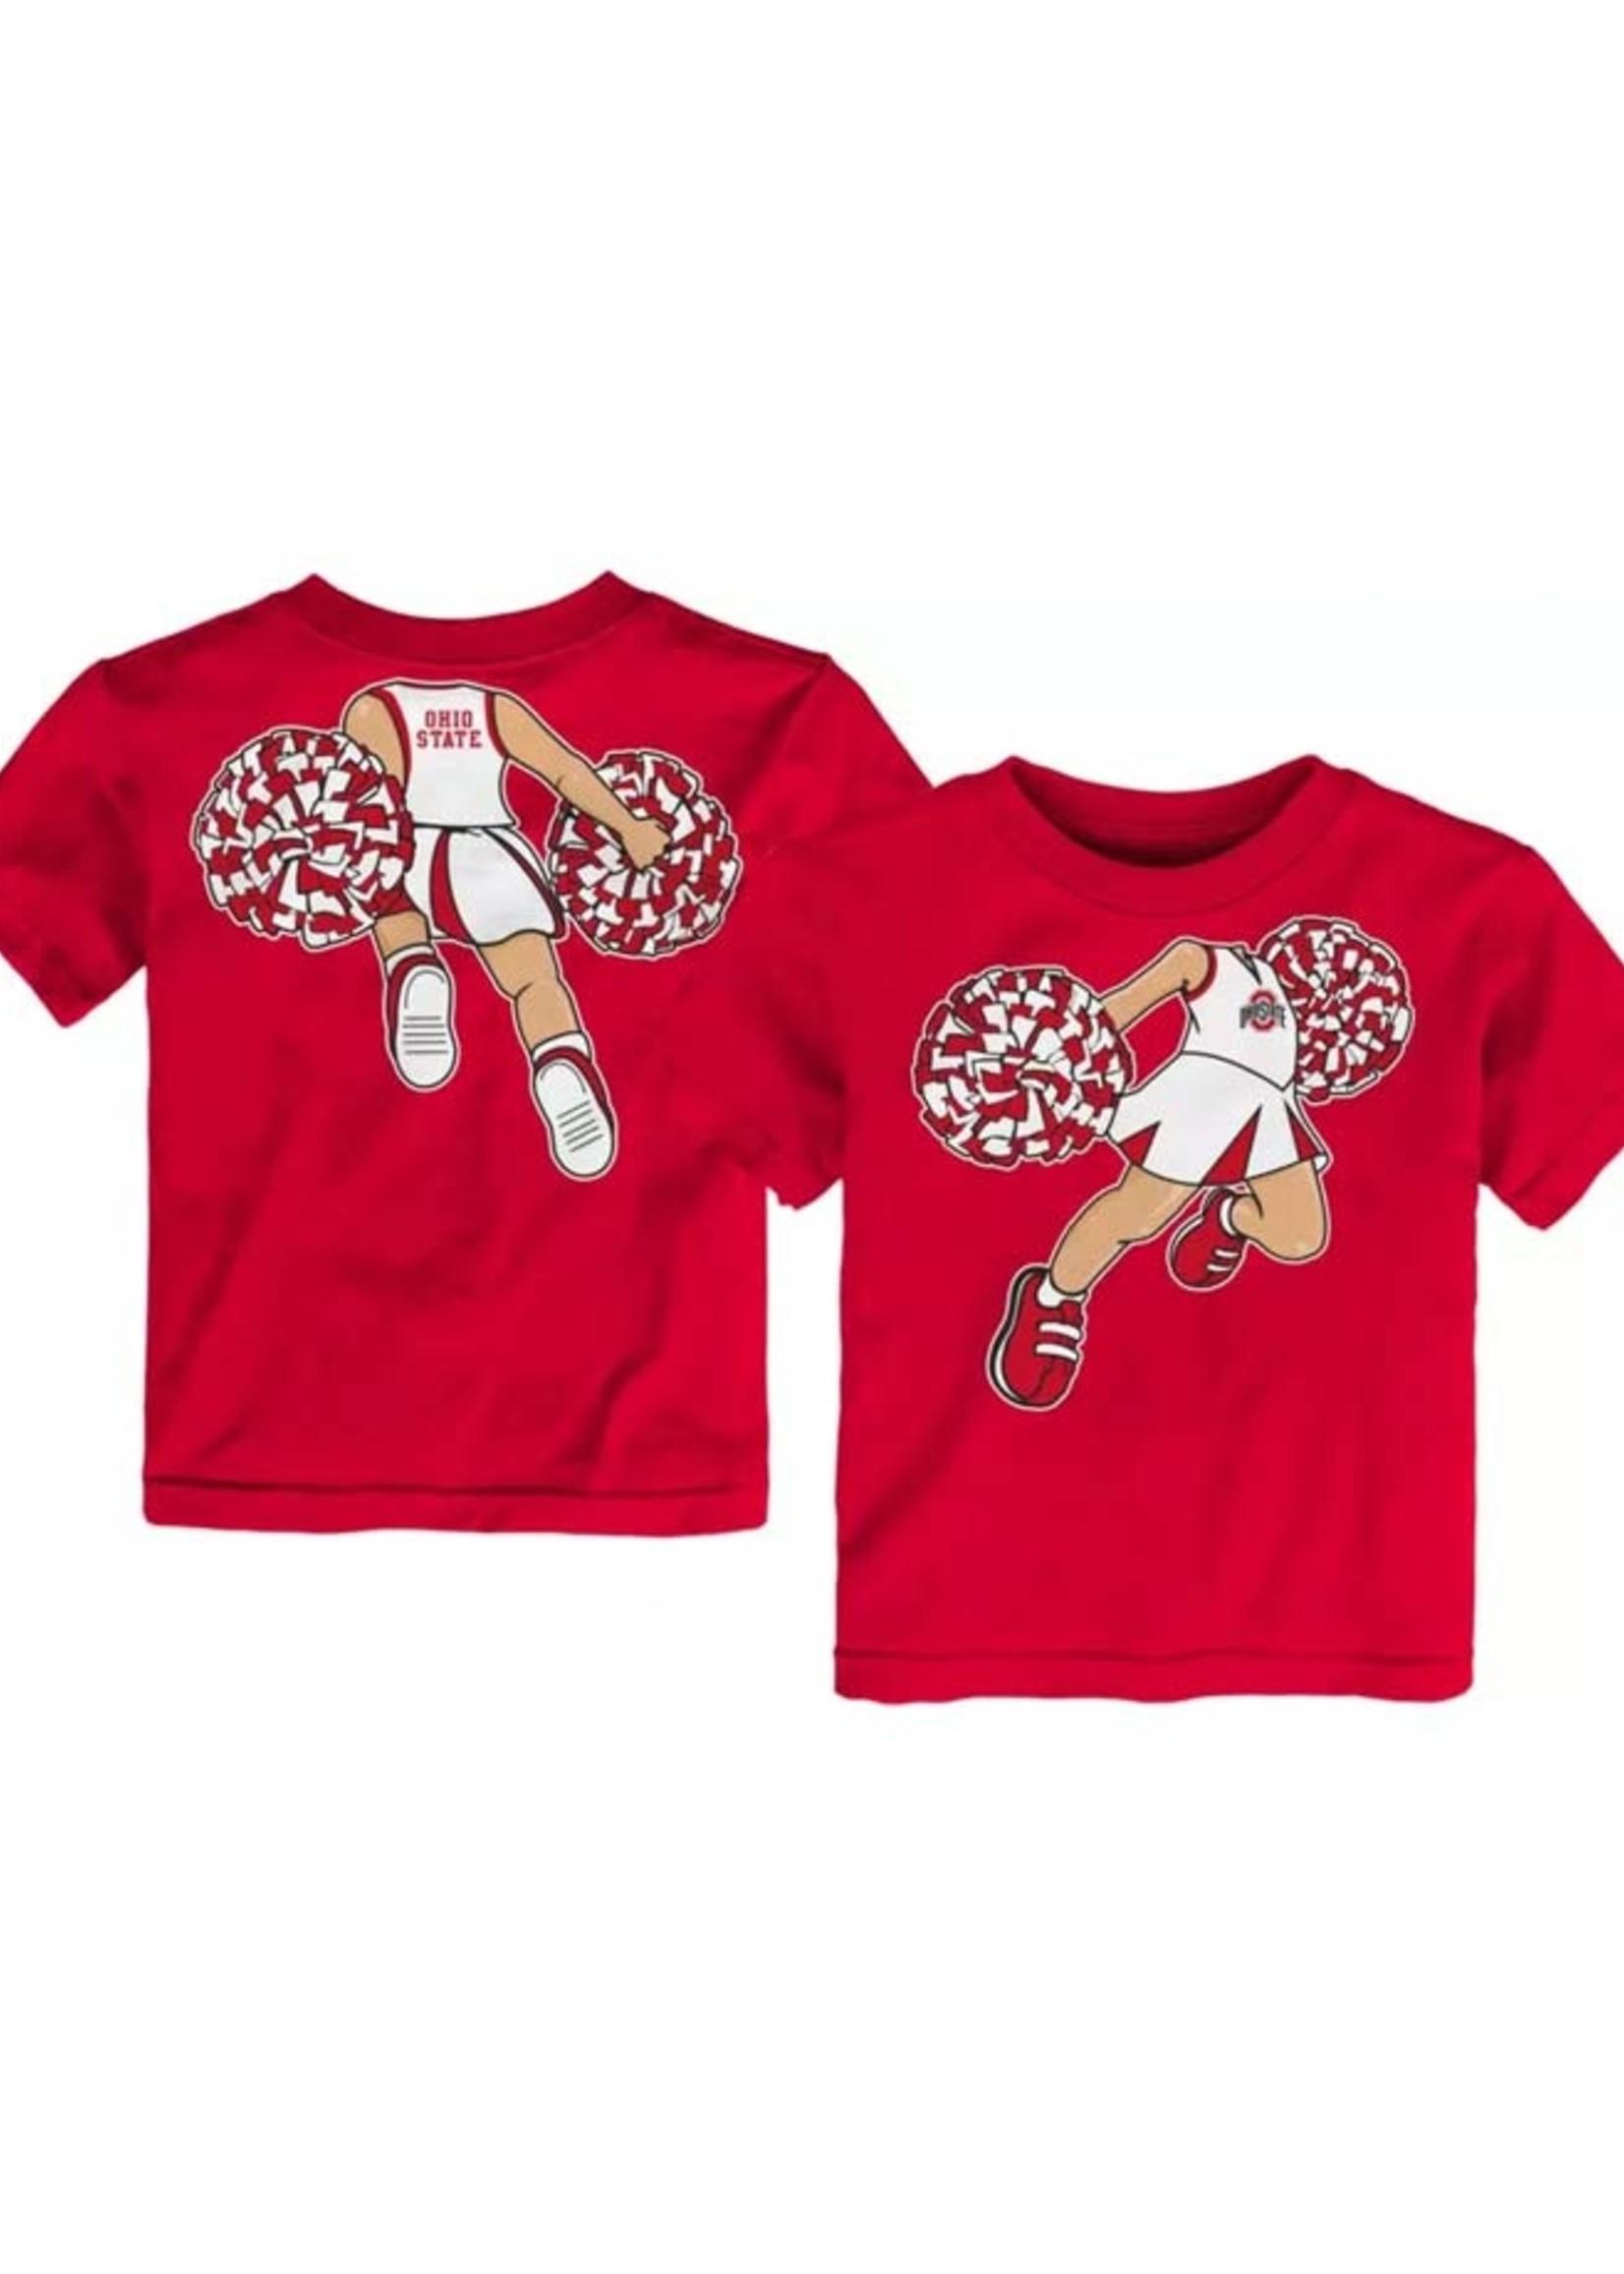 Ohio State Buckeyes Toddler Pom Pom Cheer T-Shirt